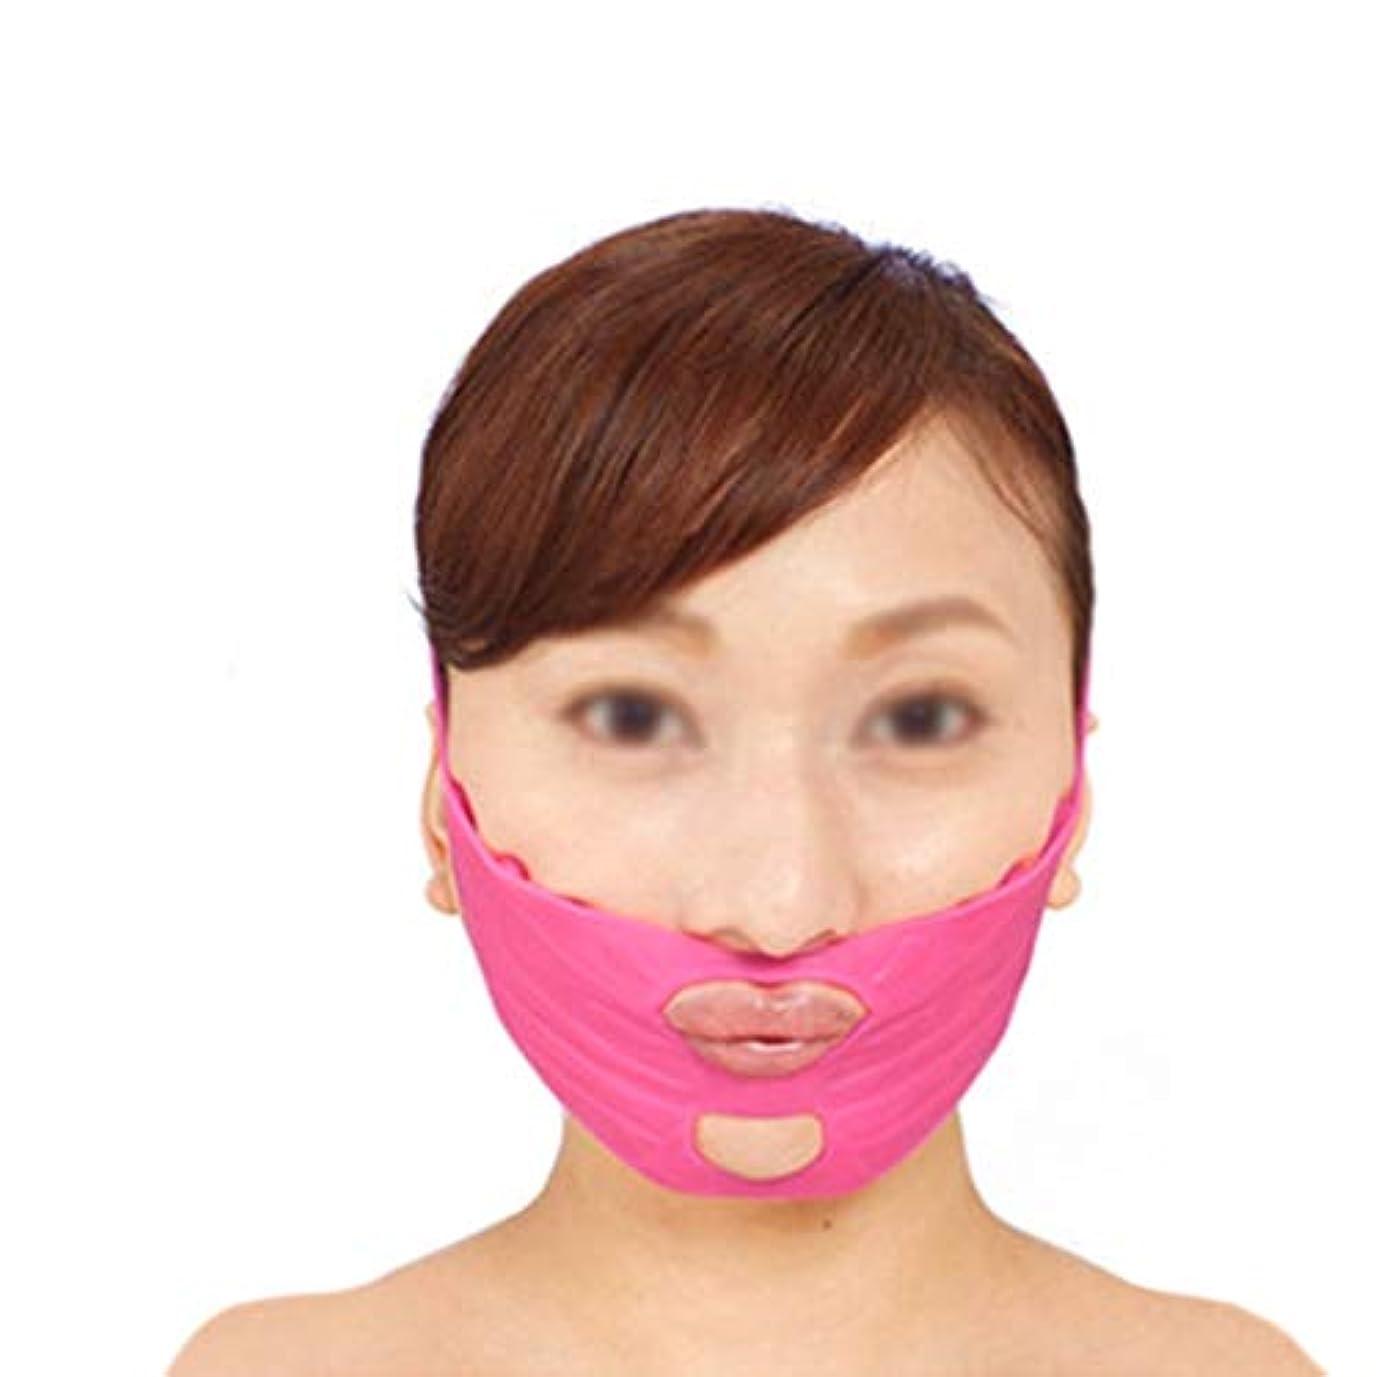 首相信頼できる居住者XHLMRMJ フェイスストラップ付きマスク、プルアップフェイスマスク、フェイスリフティングマスク、フェイス締め付け包帯、フェイスリフティング包帯、フェイスバンドを持ち上げて二重あごを減らす(ピンク、ワンサイズ)